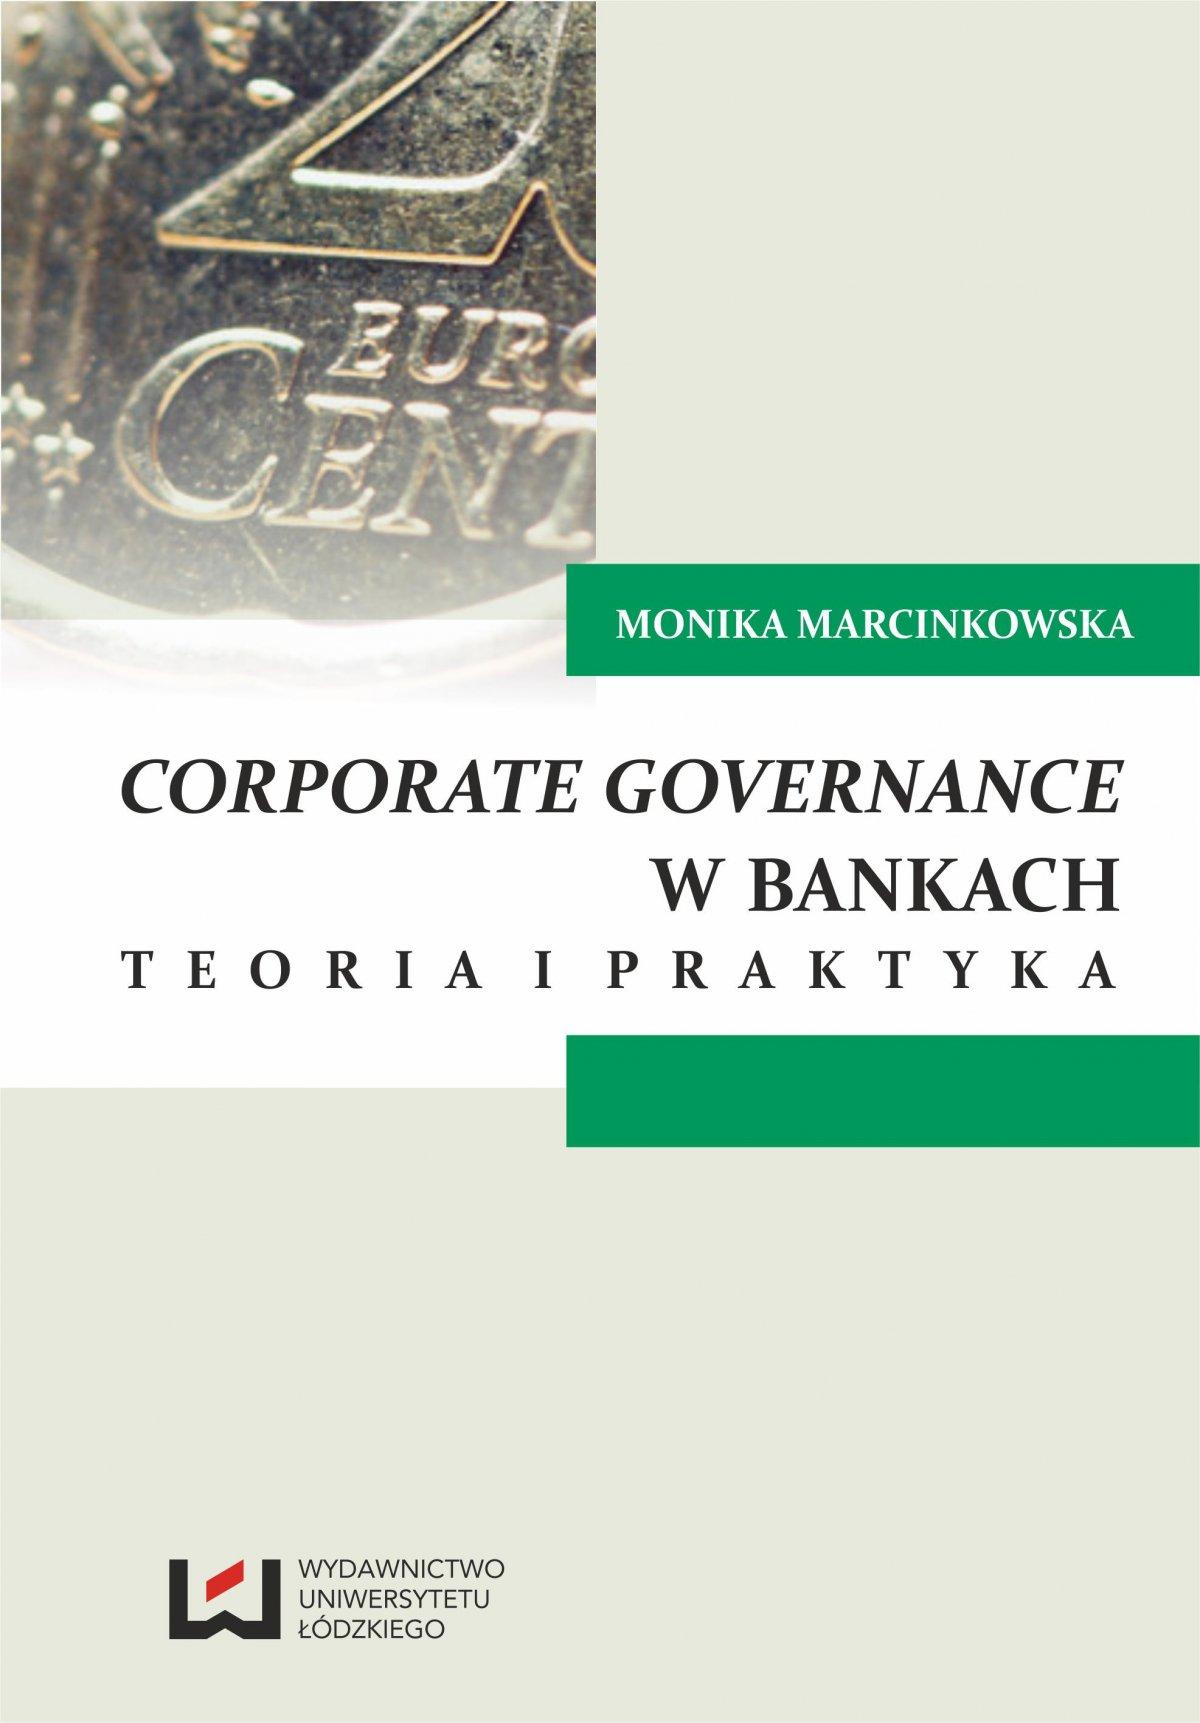 Corporate governance w bankach. Teoria i praktyka - Ebook (Książka PDF) do pobrania w formacie PDF